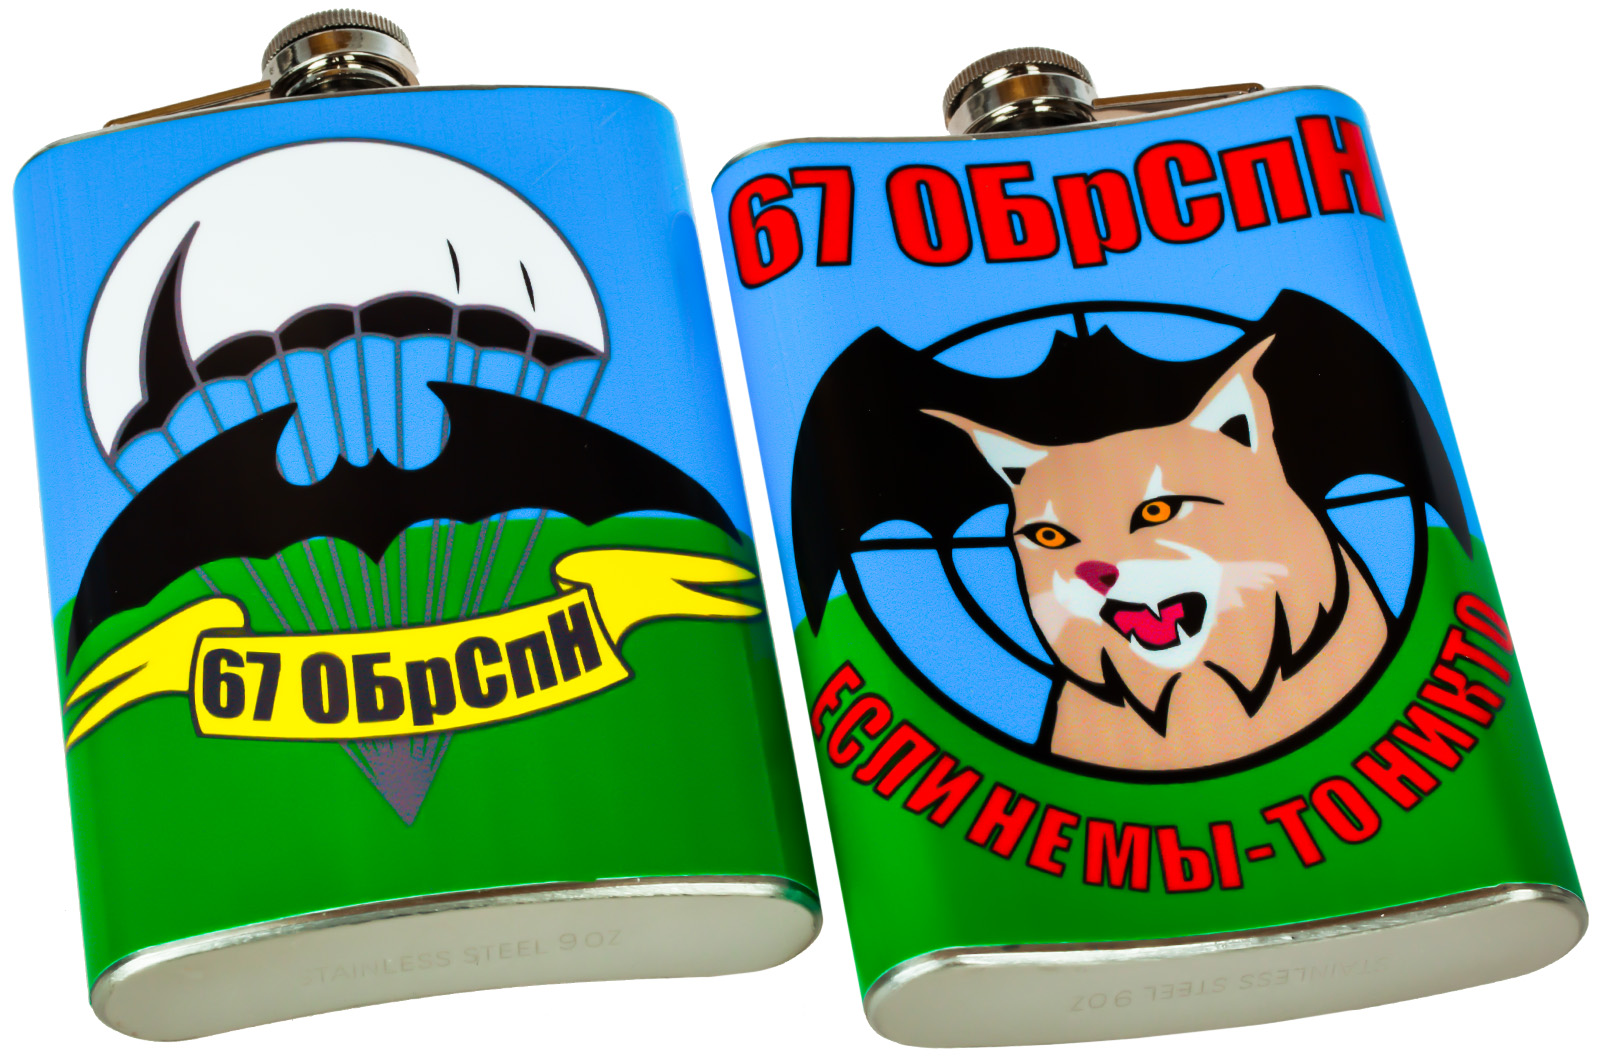 Фляга «67 ОБрСпН» заказать с доставкой